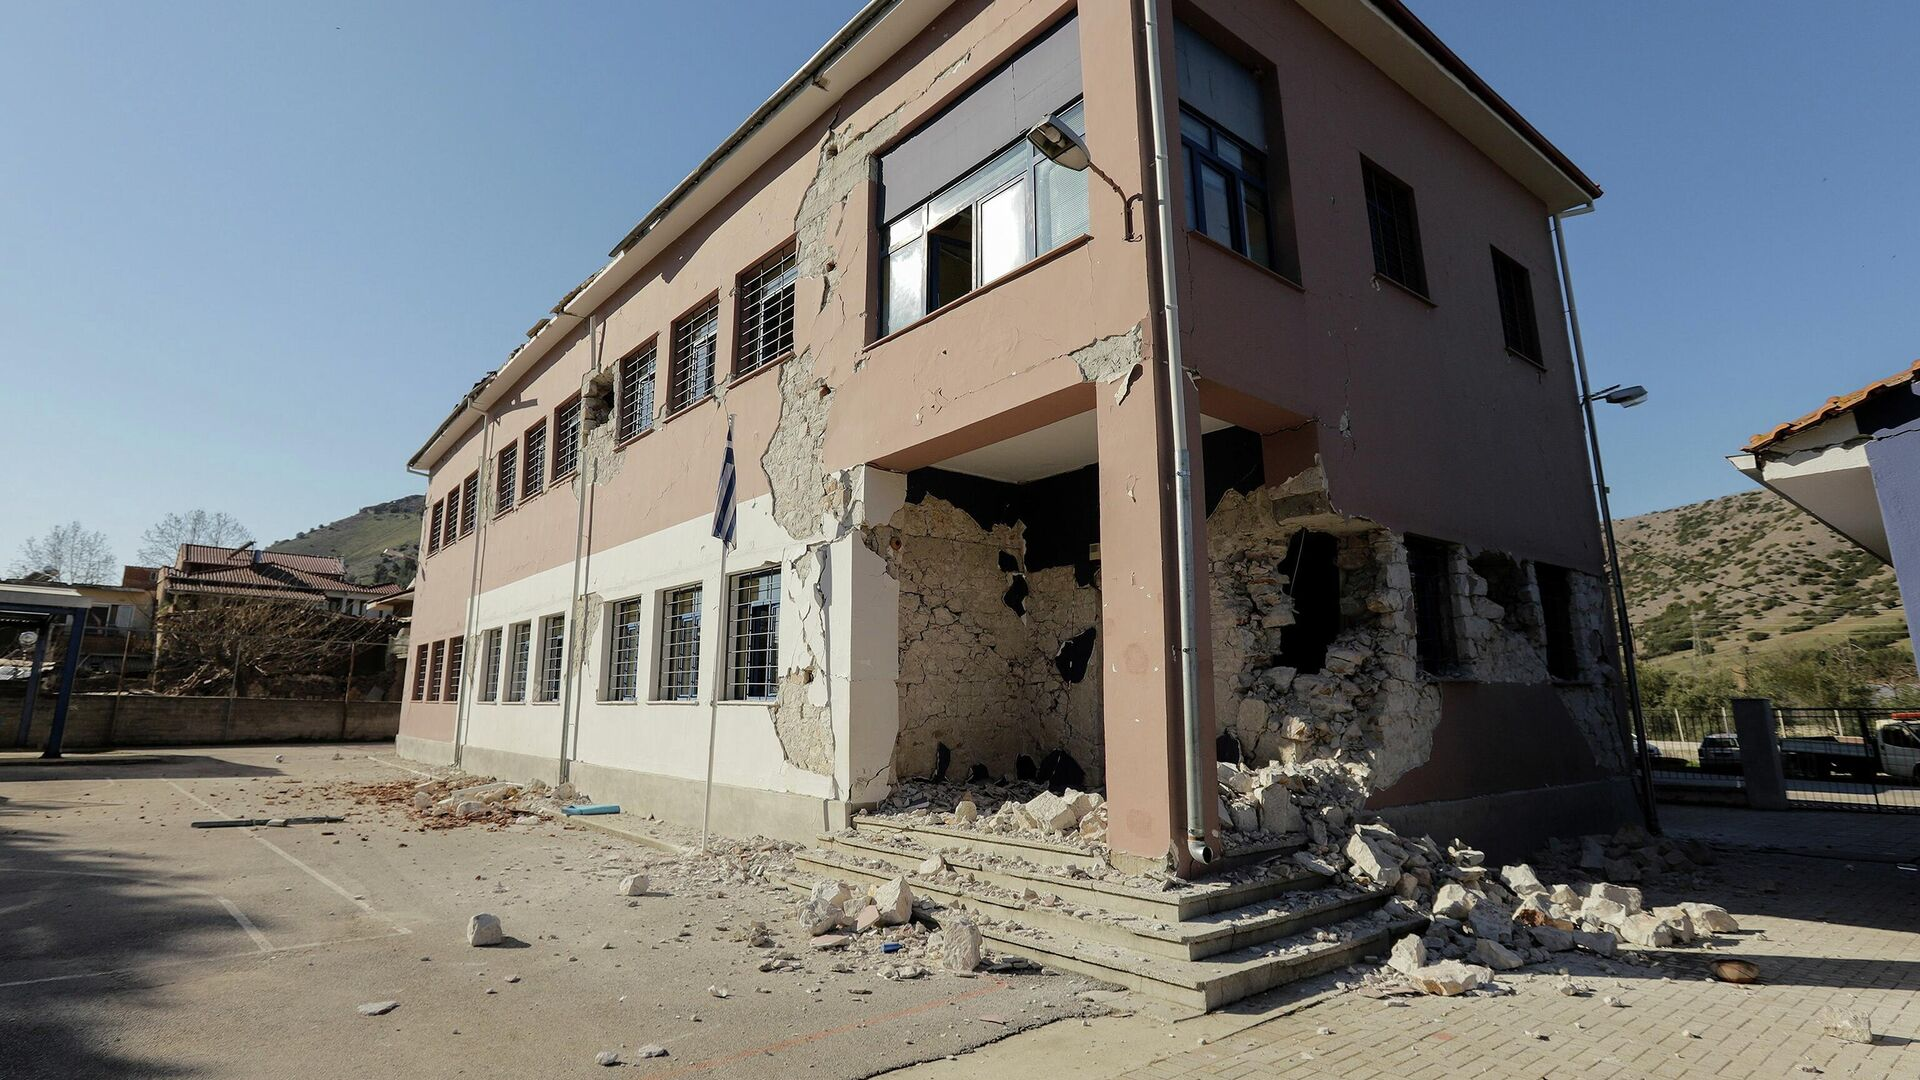 Последствия землетрясения в районе Дамаси, Греция. 4 марта 2021 - РИА Новости, 1920, 03.03.2021